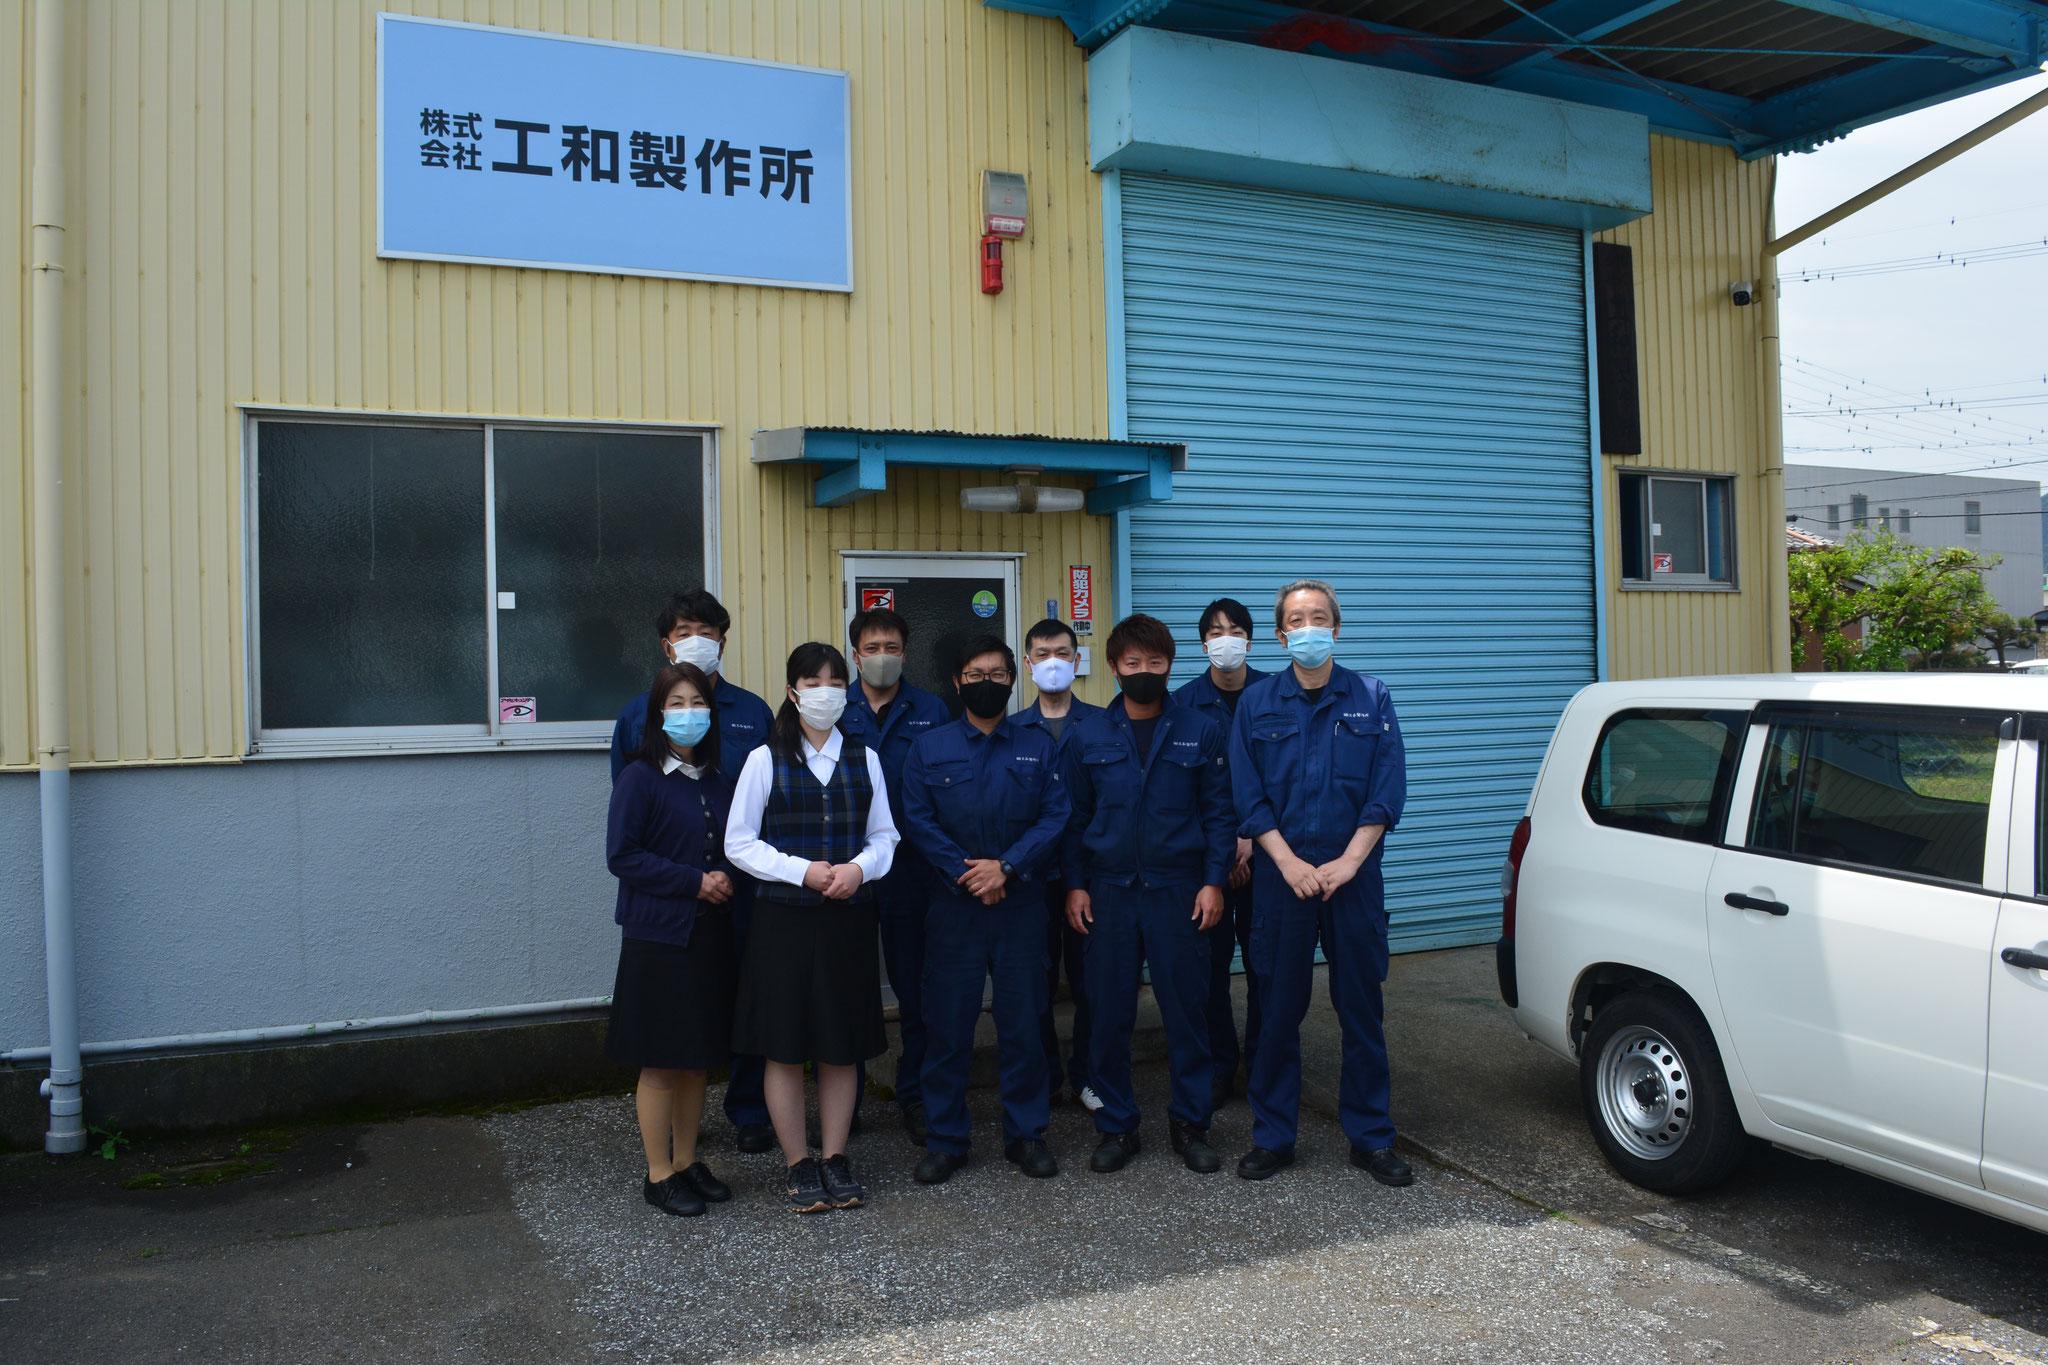 本社 ※コロナウイルス感染予防の為、全員マスクを着用しています。